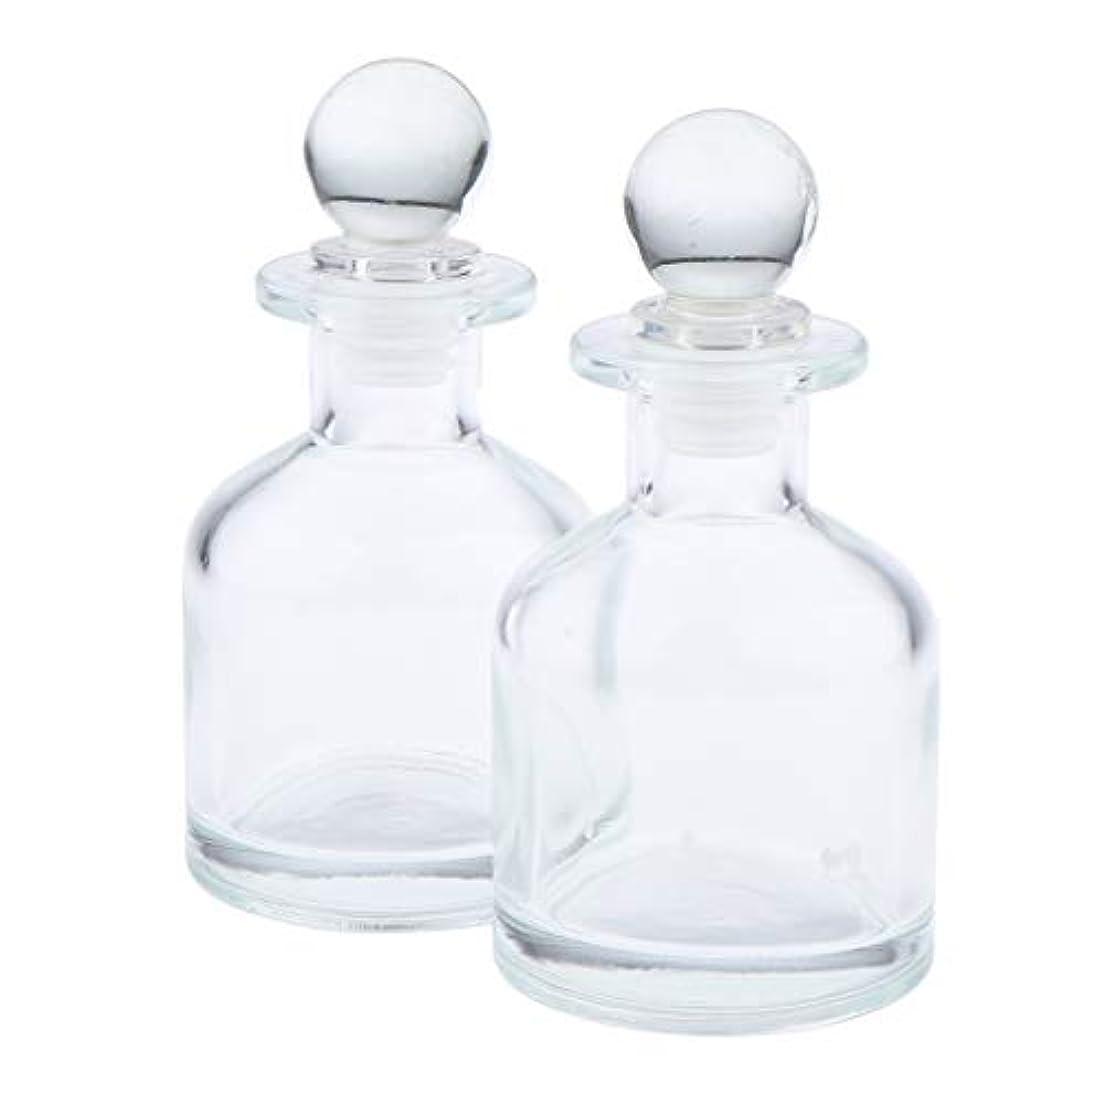 ハード分析的な集まる2個 香水ディフューザーボトル ガラス瓶 丸い クリア 部屋装飾 インテリア 2サイズ選べ - 130ミリリットル